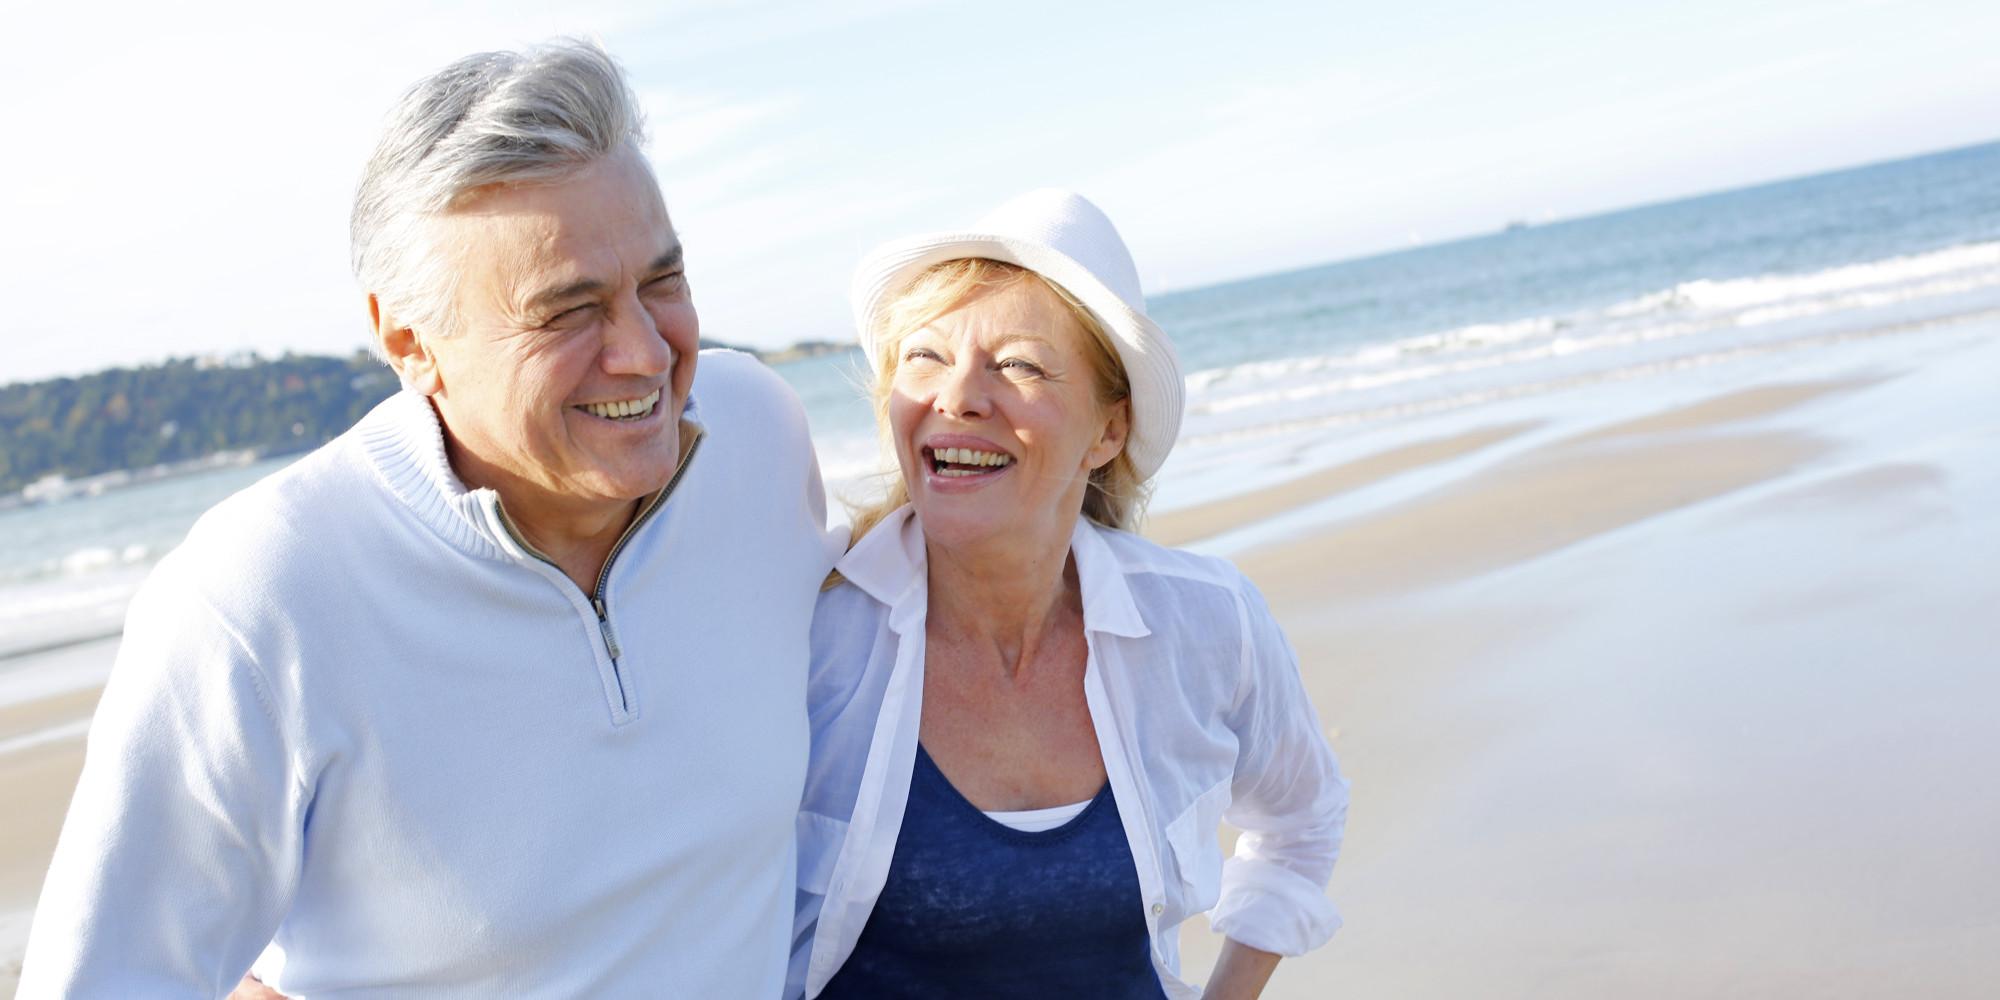 Retirement planning for women